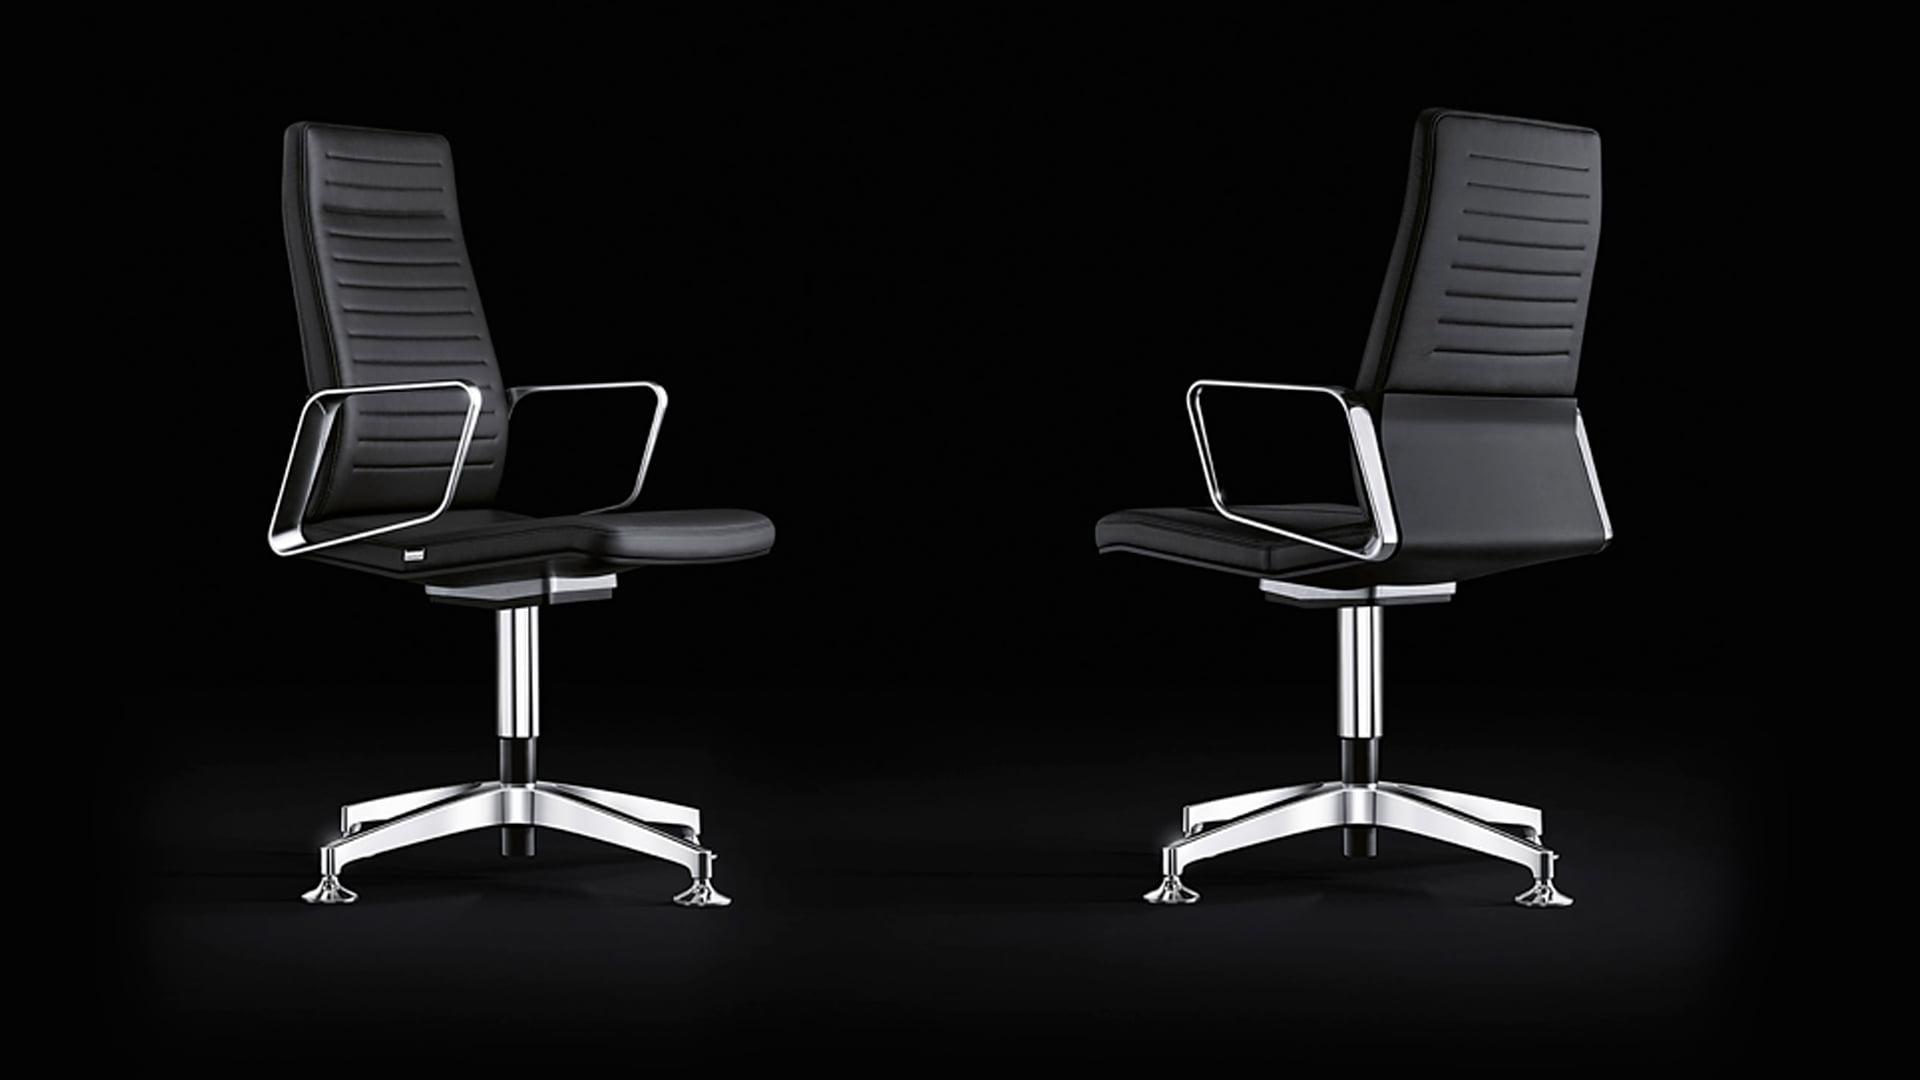 ¿Qué es una silla ergonómica?